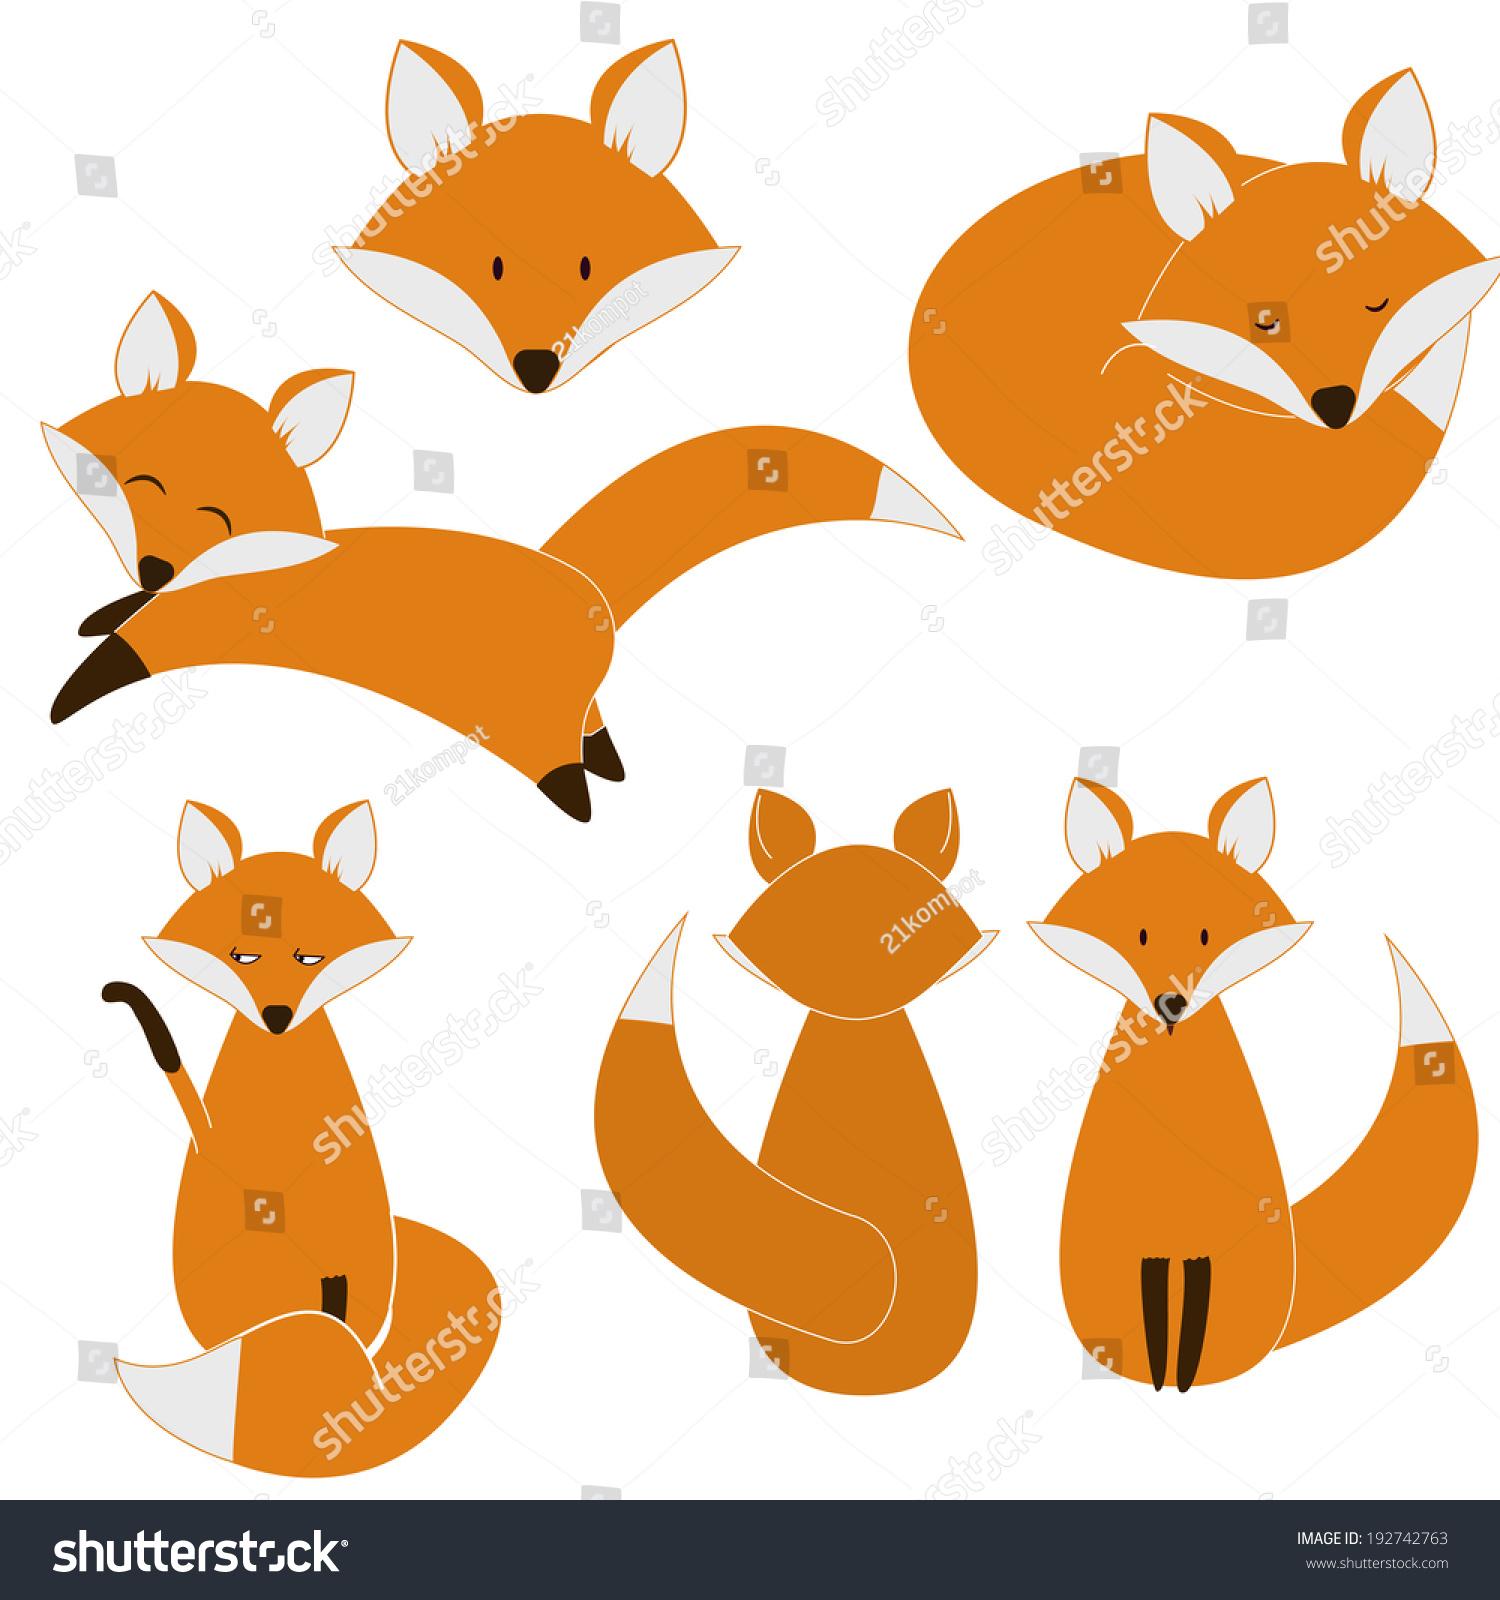 可爱的狐狸集-动物/野生生物